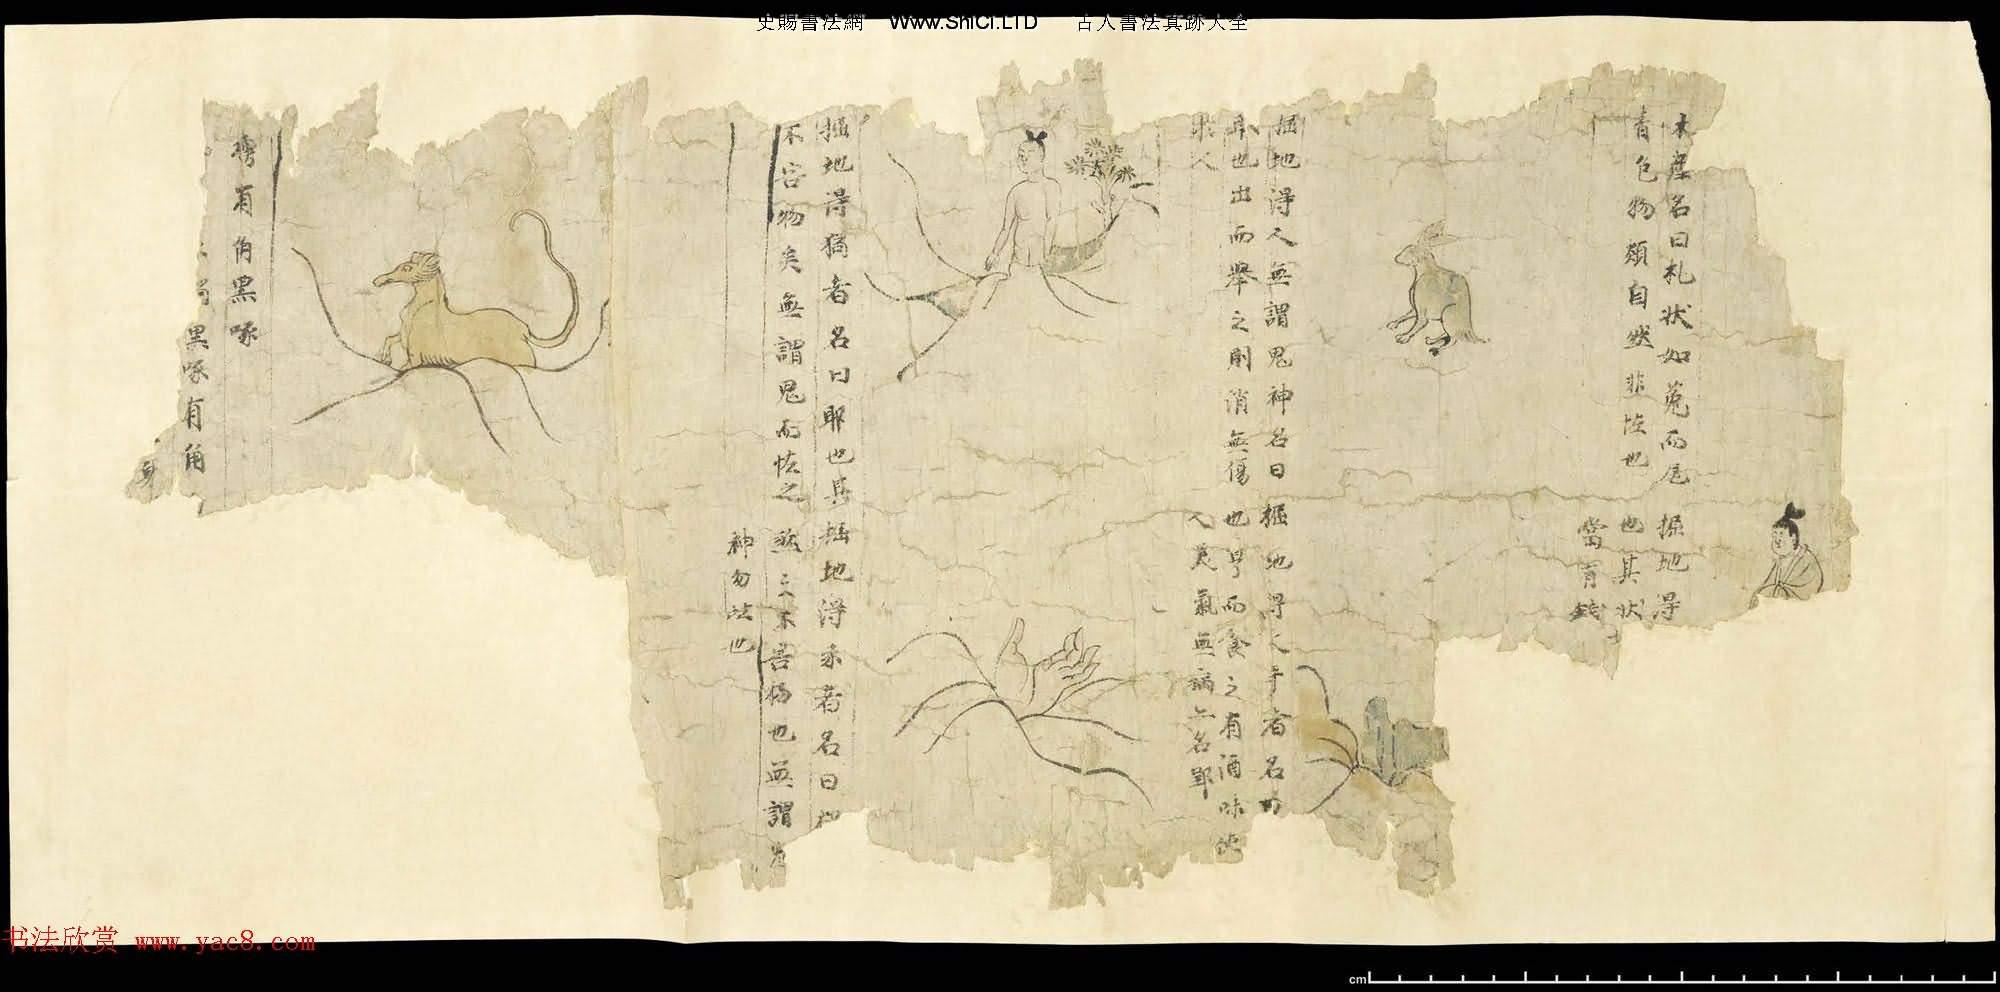 敦煌文獻《白澤精怪圖》兩種圖卷殘本(共20張圖片)